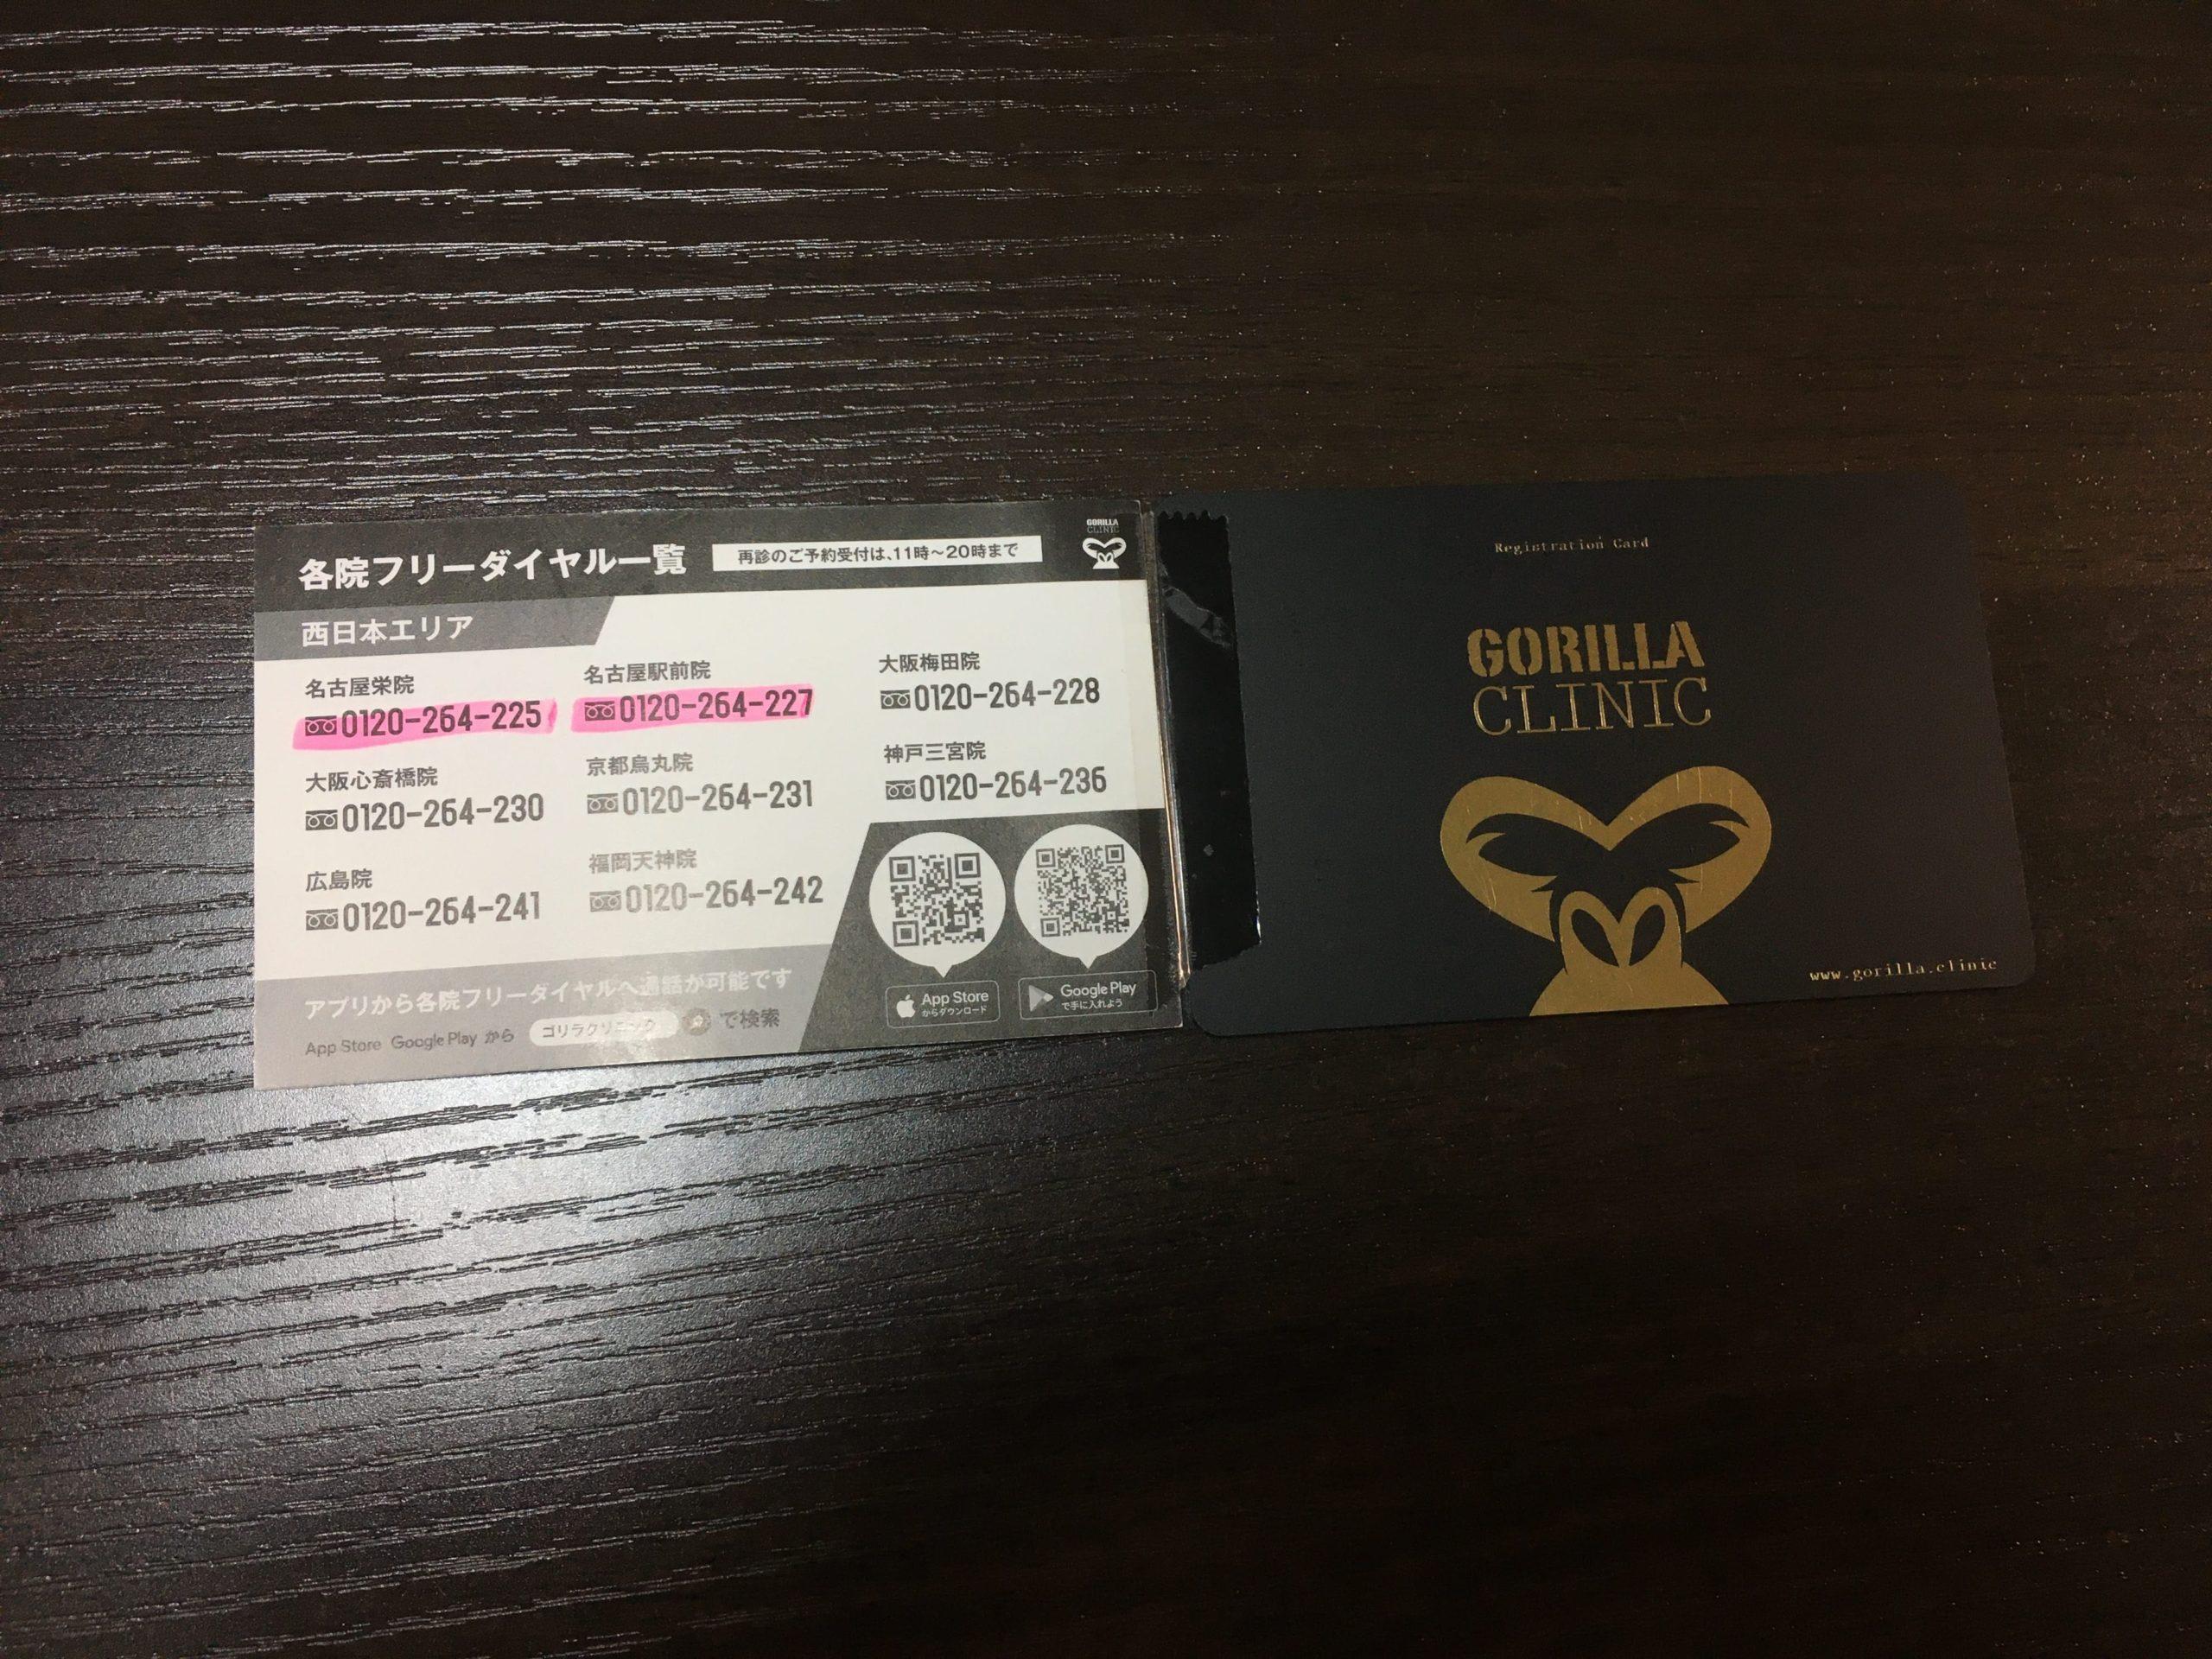 ゴリラクリニック名古屋栄院で発行してもらった診察券